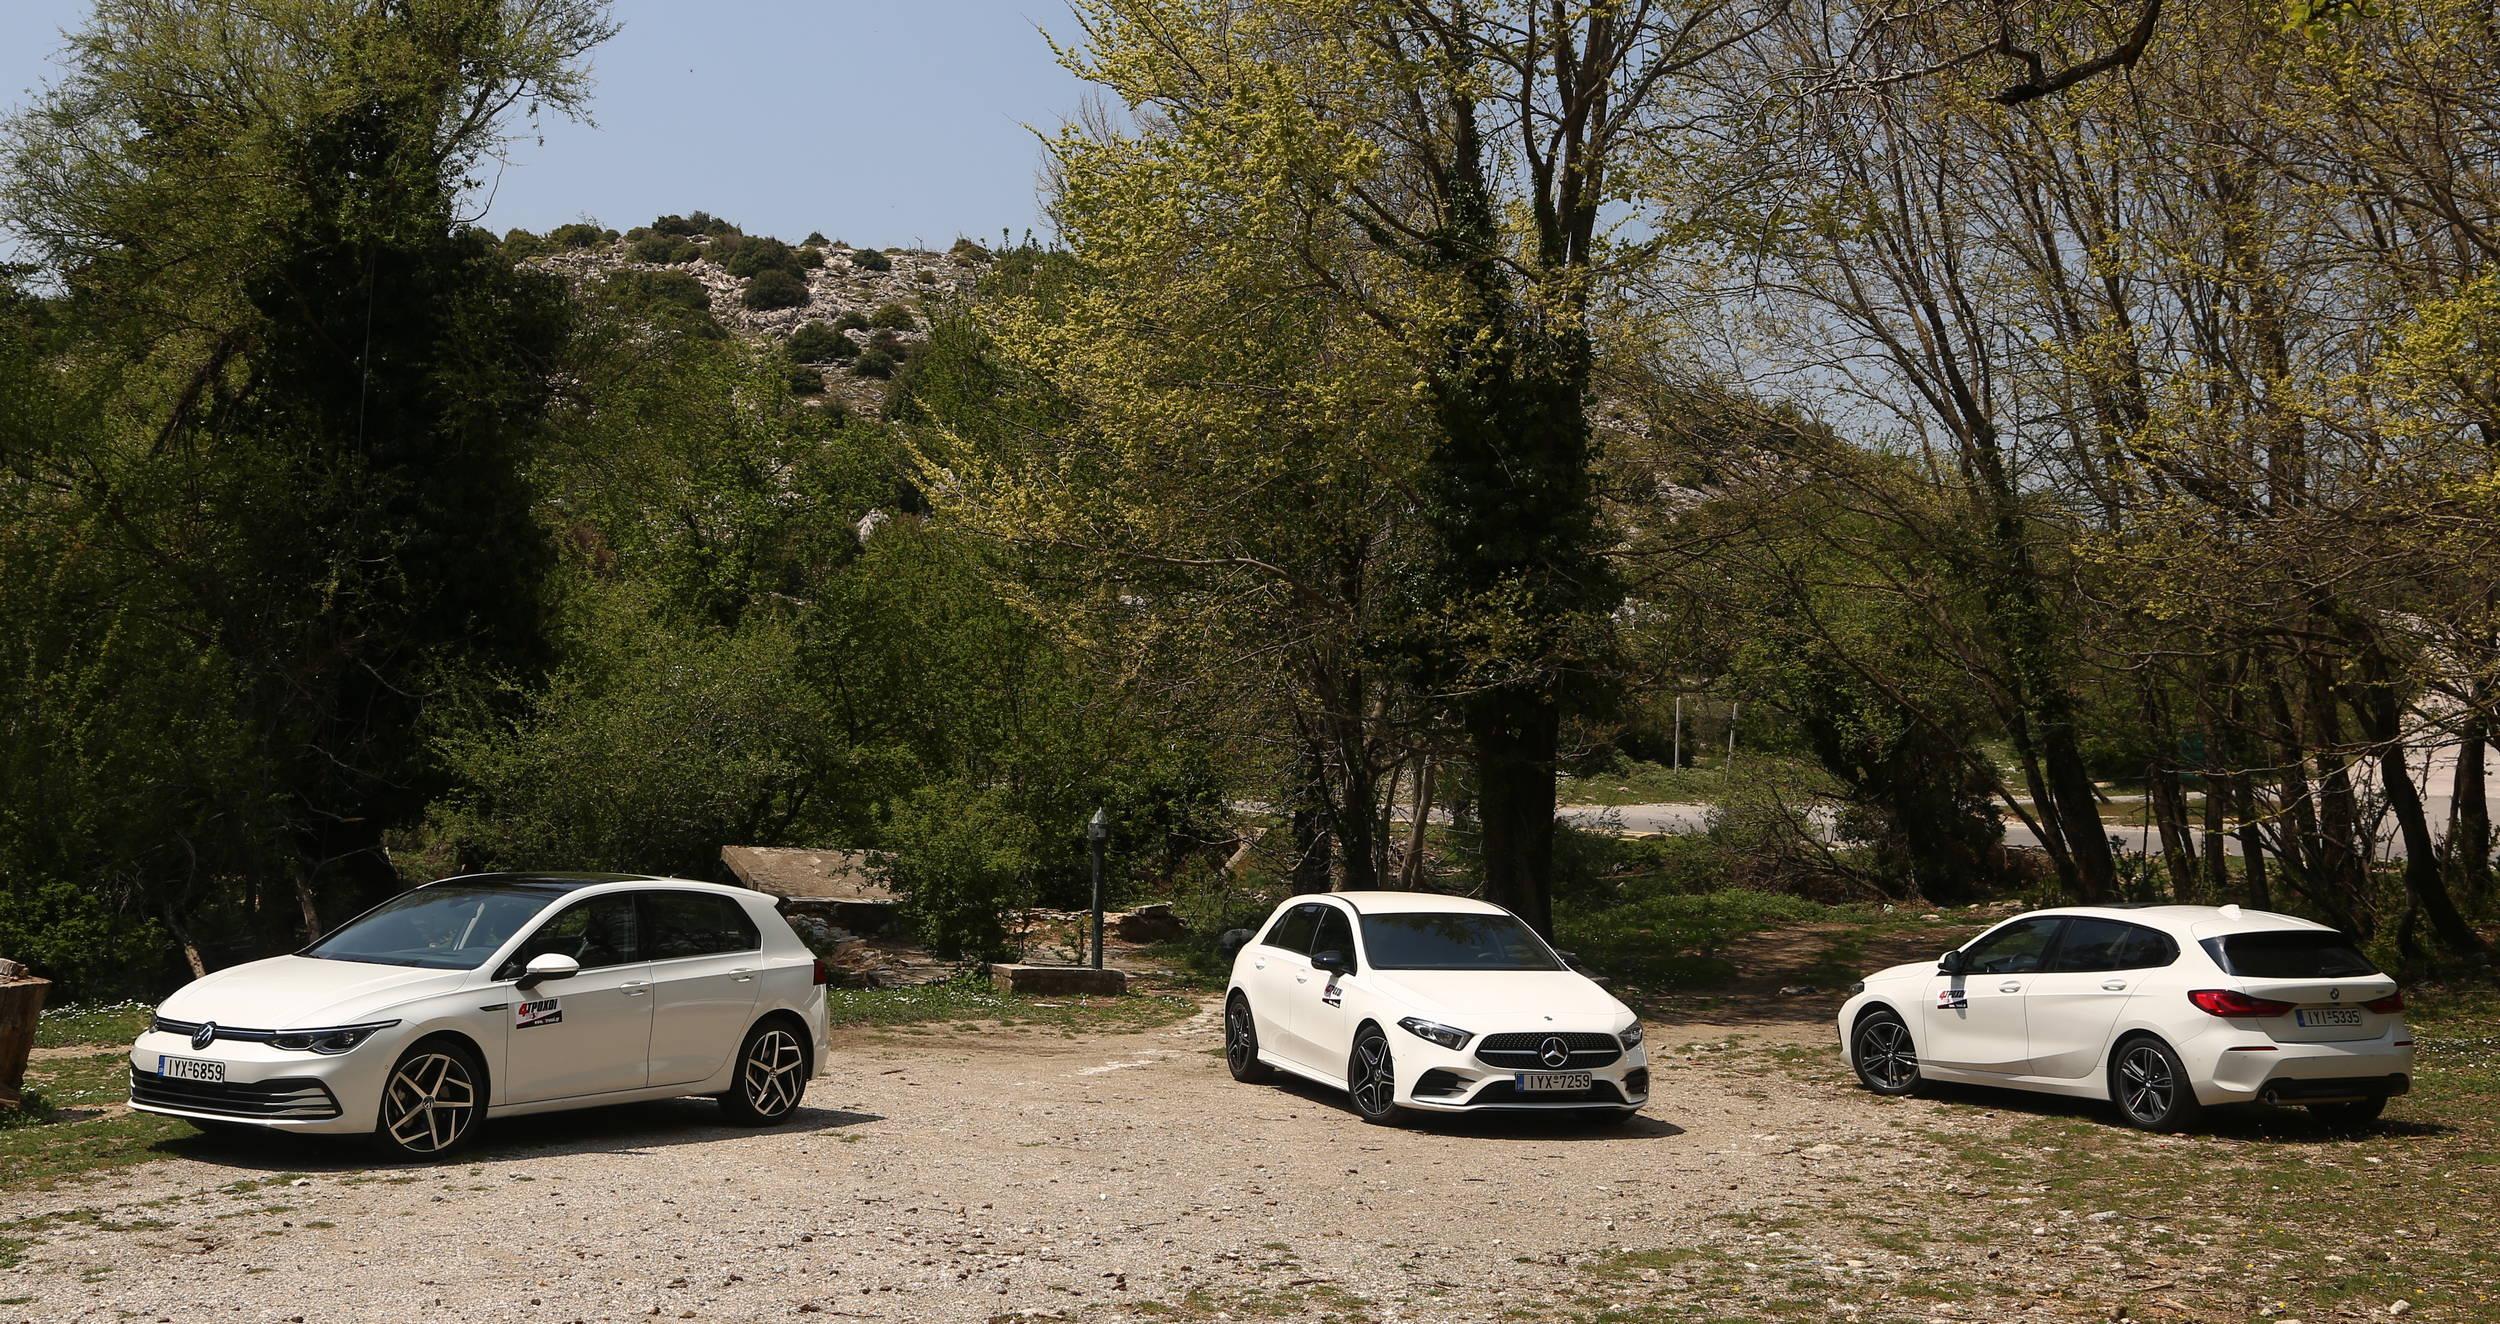 BMW 118i Auto - Mercedes A200 7G-DCT - VW Golf 1.5 eTSI 150 DSG